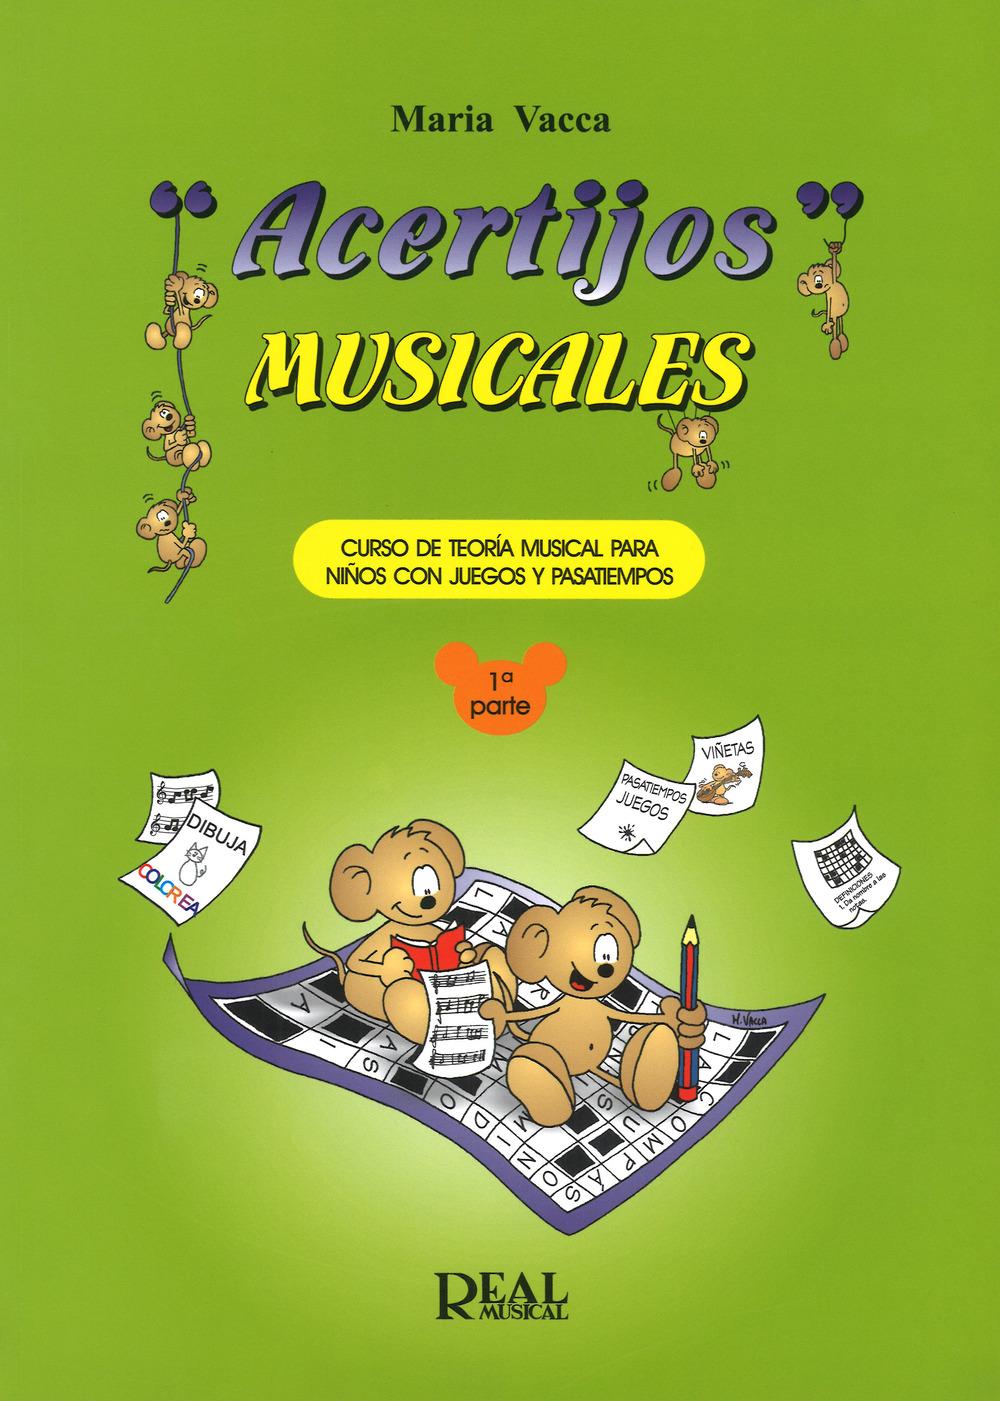 Maria Vacca Acertijos musicales. Curso de teoría musical para niños con jeguos y pasatiempos. Vol. 1